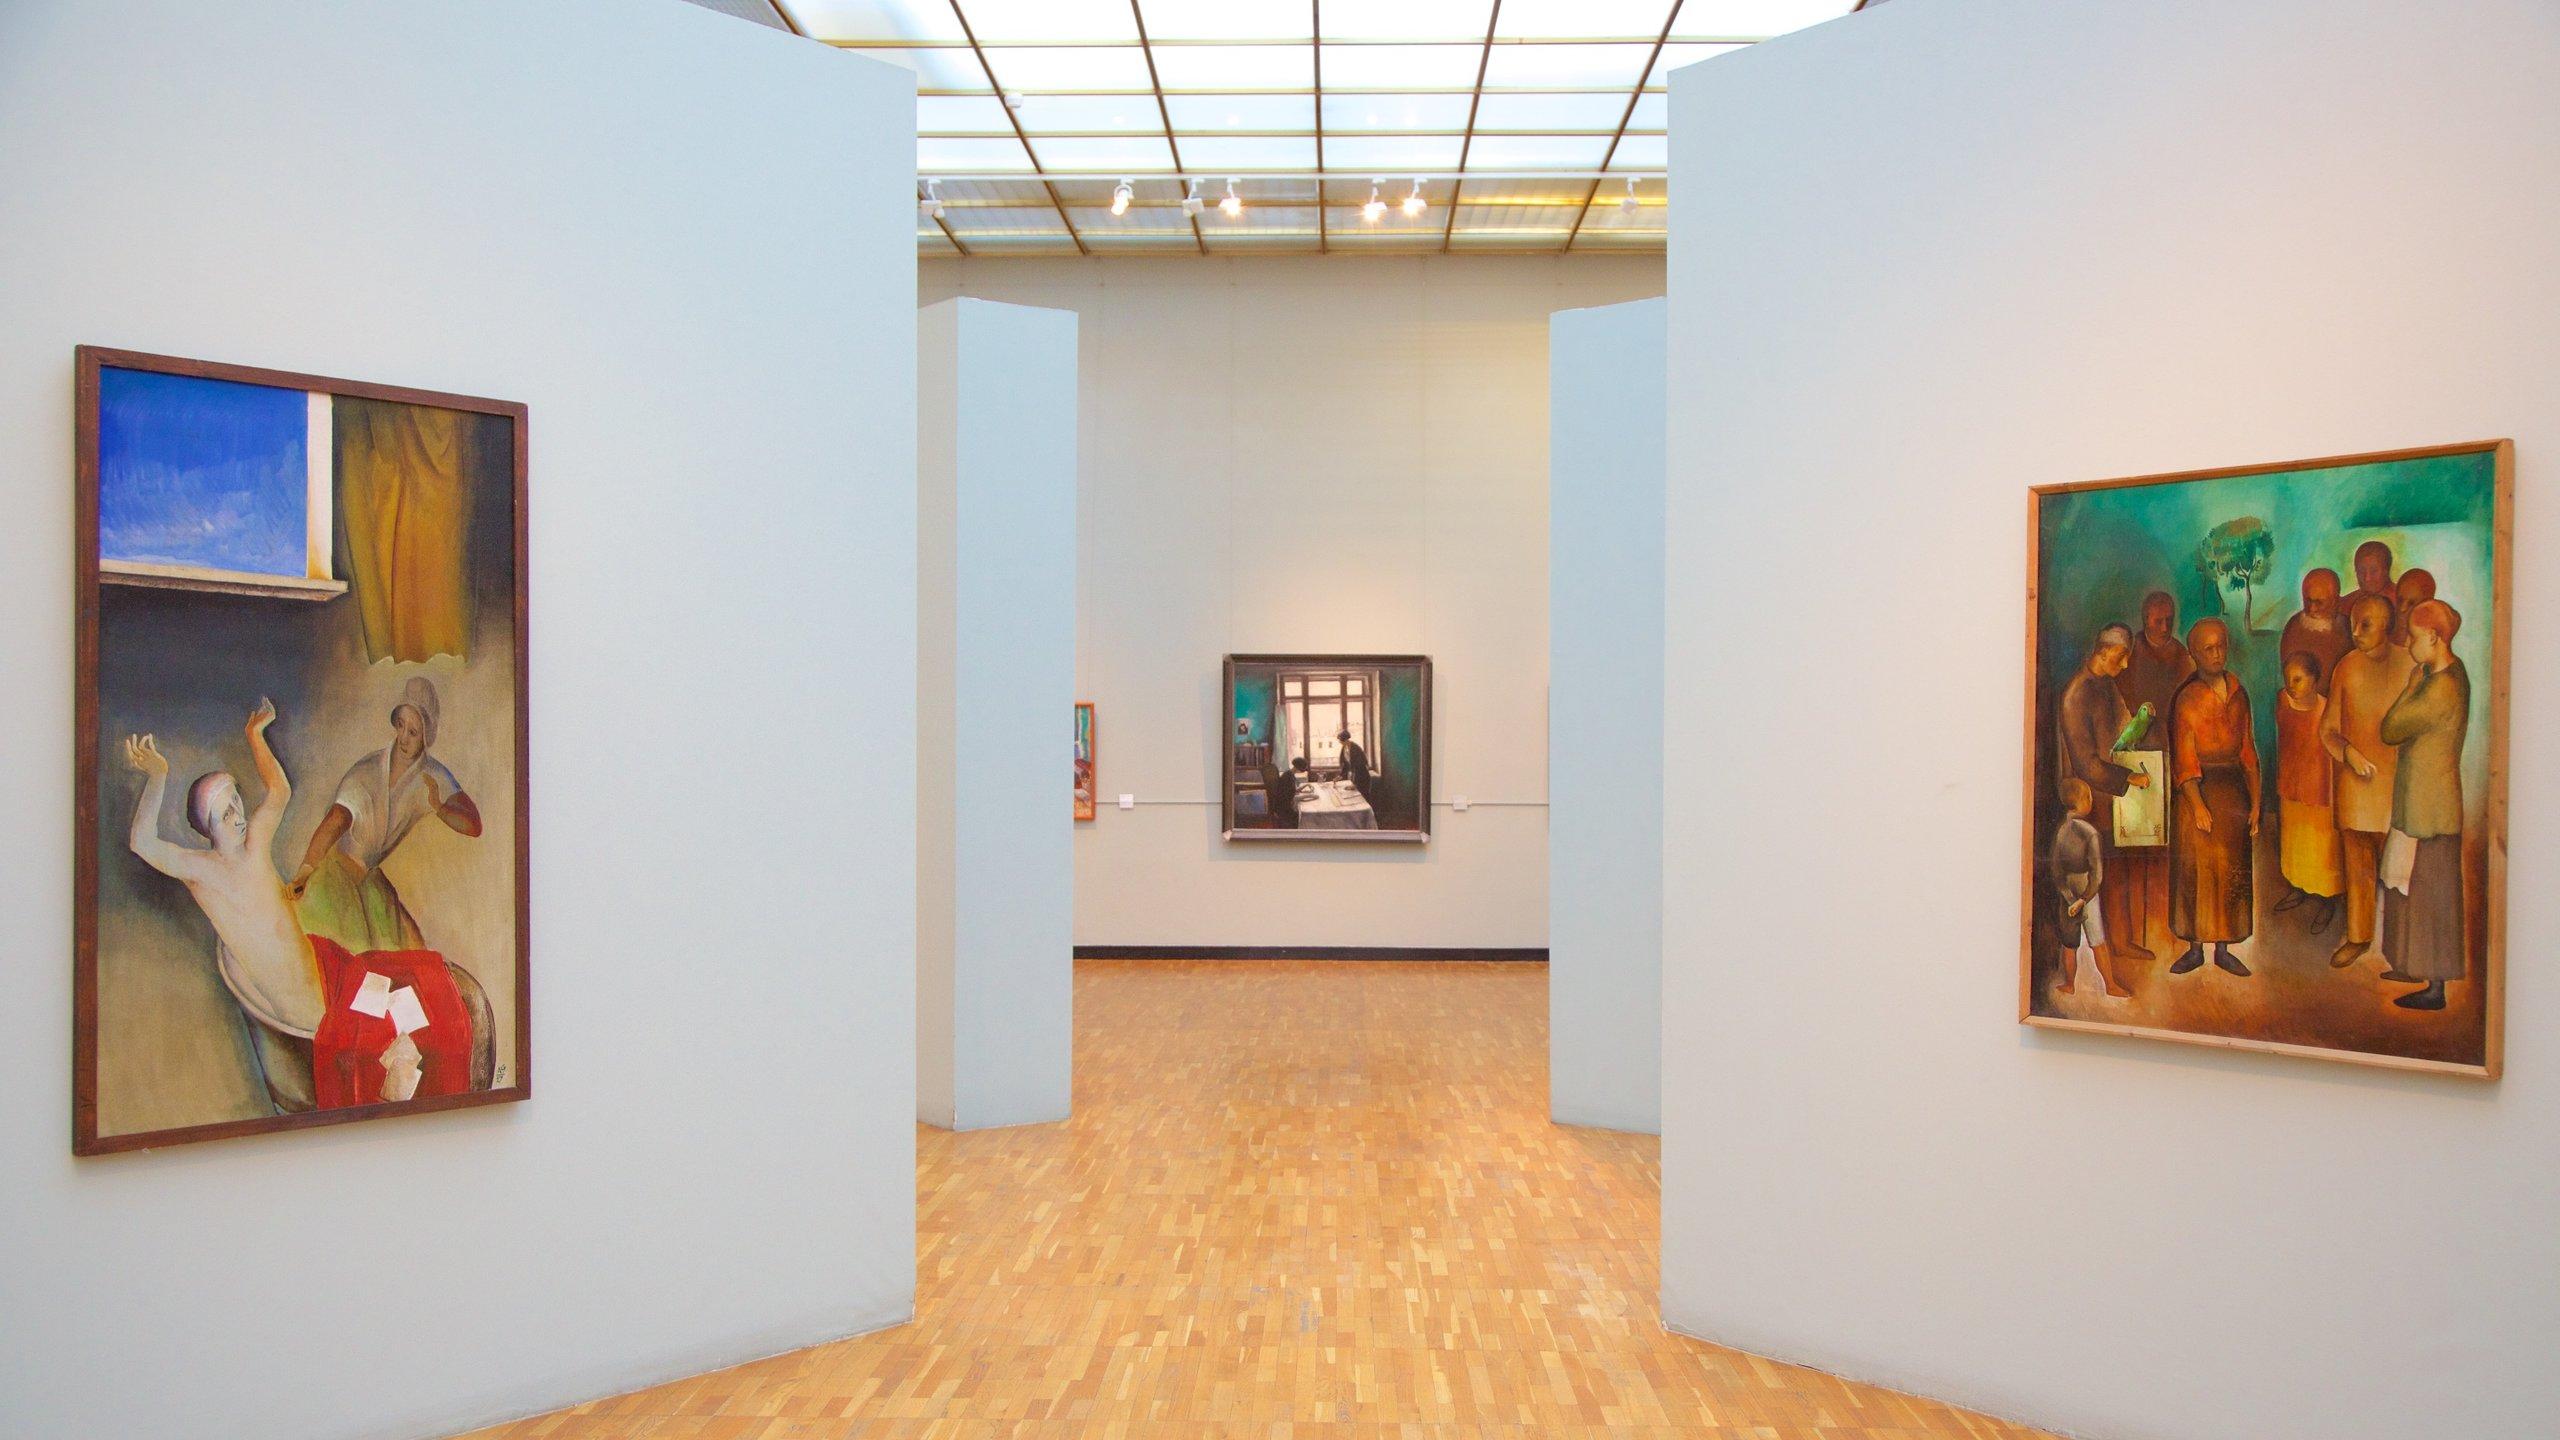 Nuova Galleria Tretyakov - Museo di Arte Moderna caratteristiche di vista interna e arte